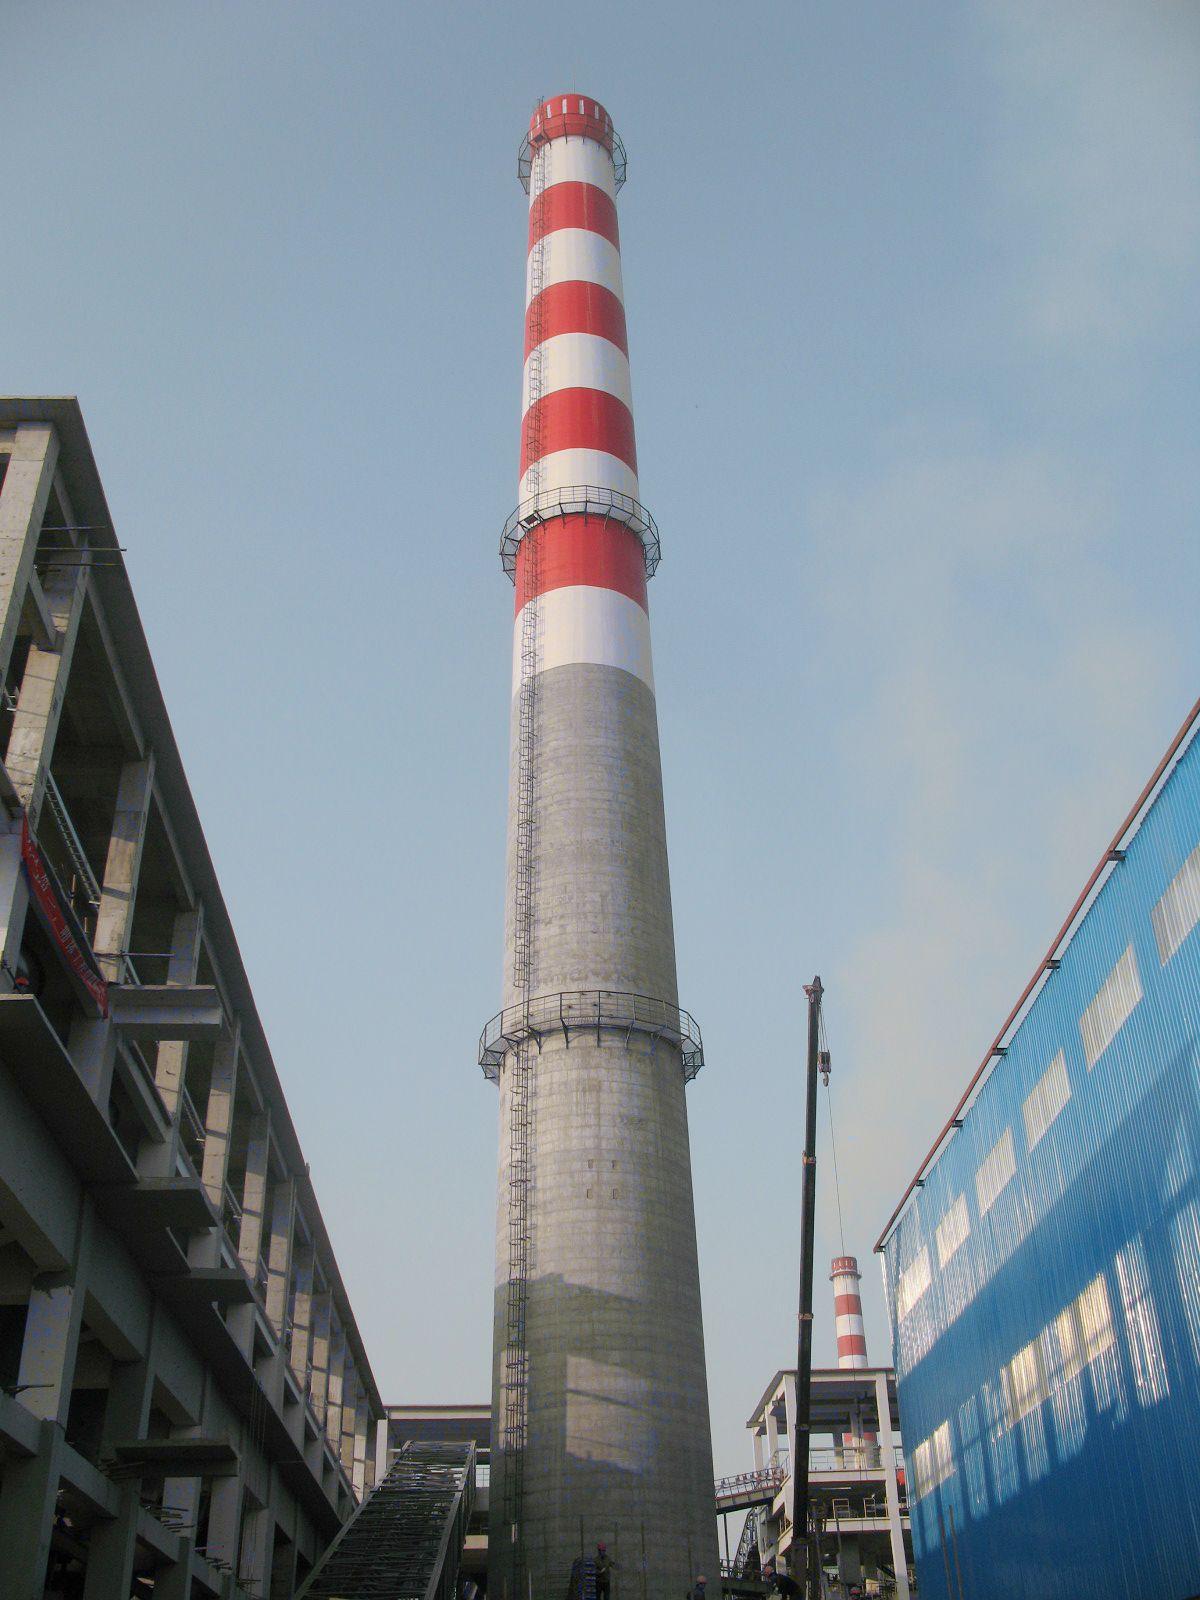 辽宁水泥烟囱美化公司  100m烟囱刷航标  120m烟囱涂刷色环